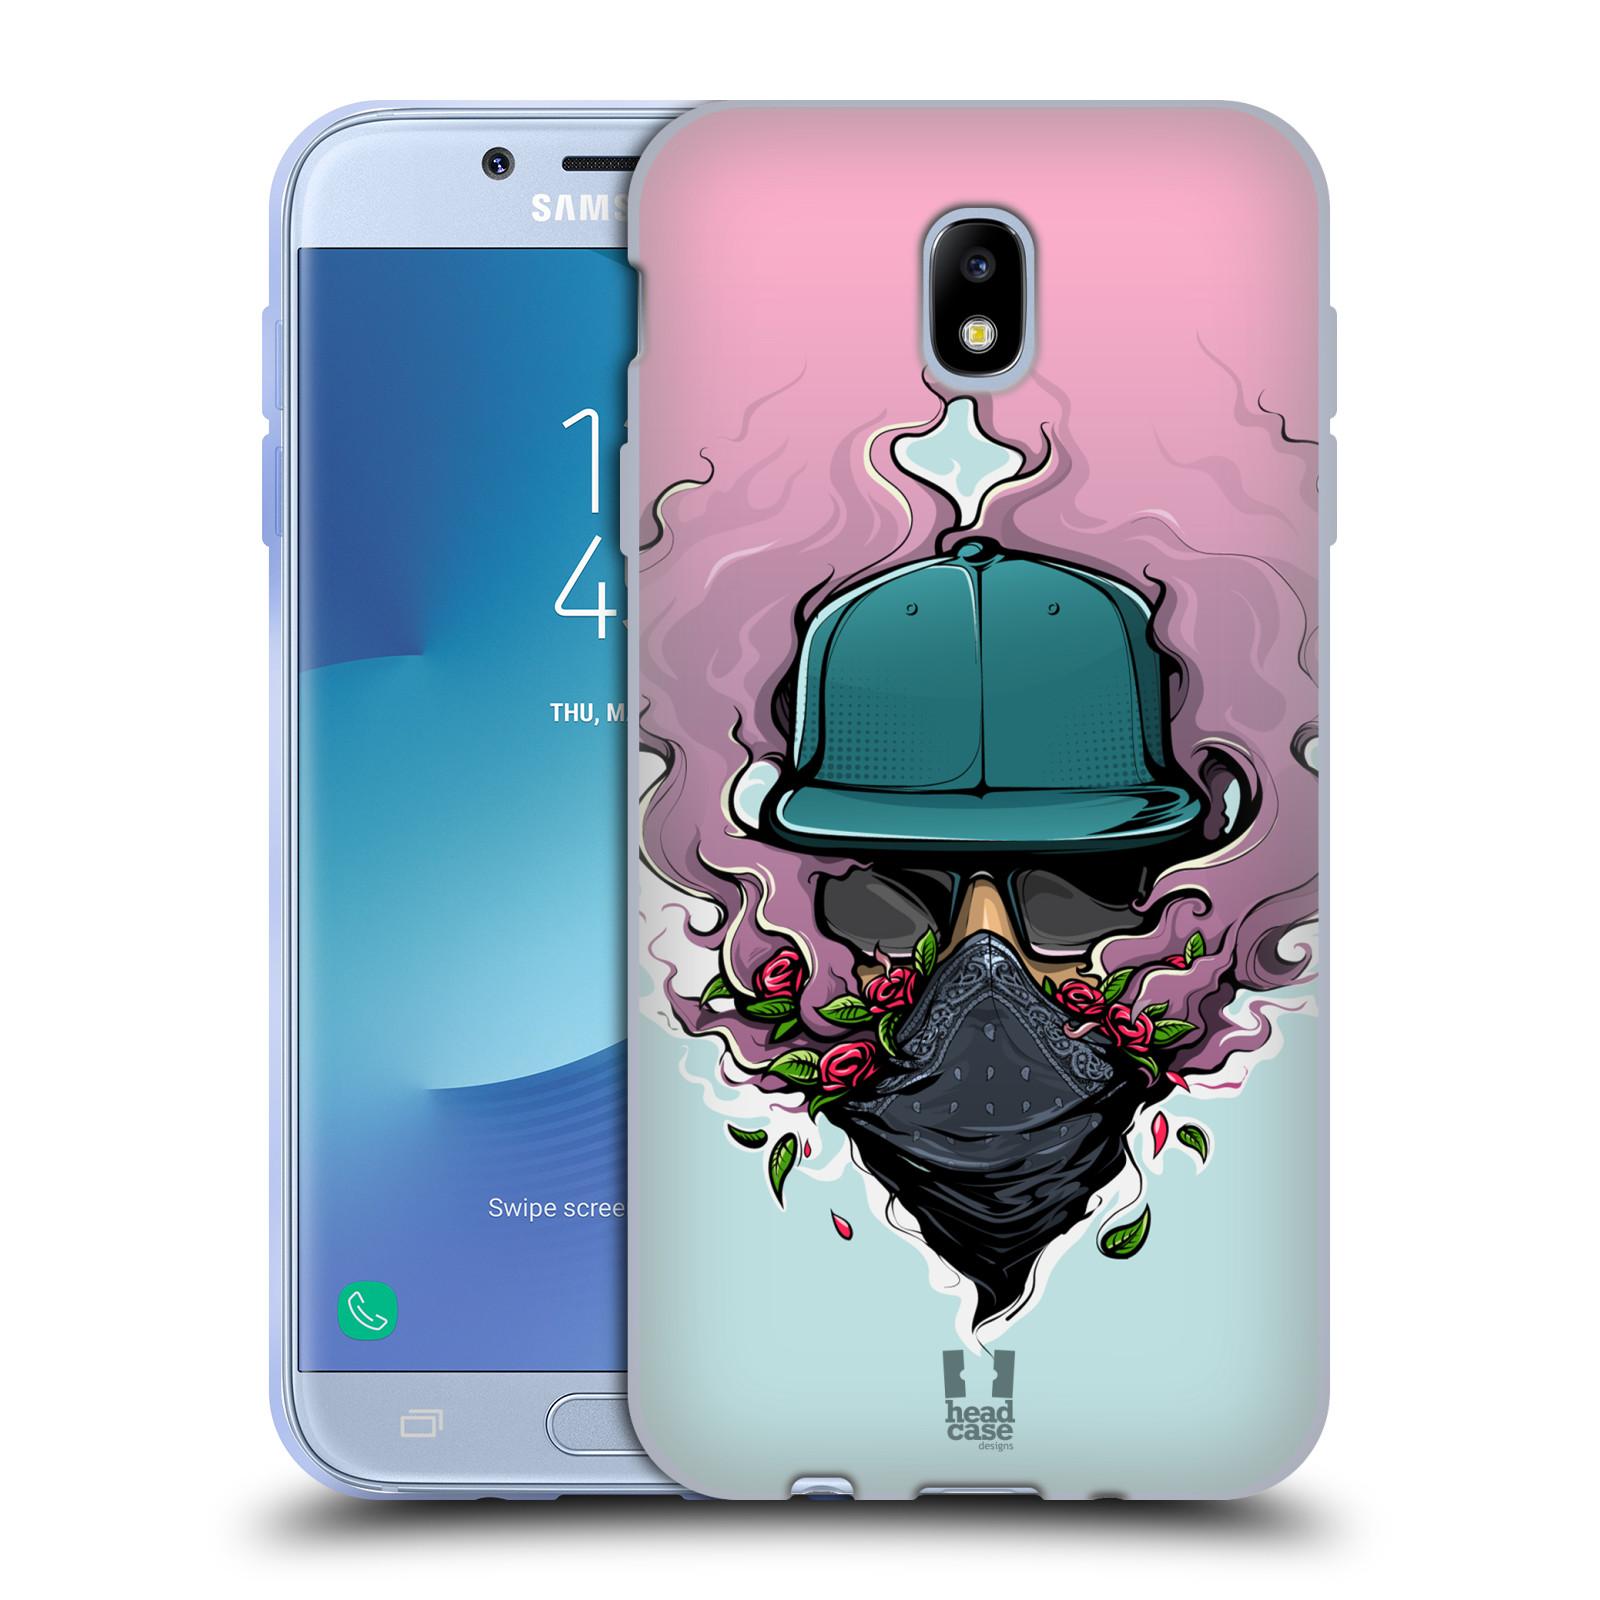 Funda HEAD CASE DESIGNS CON Gel Suave de vibraciones urbano para Samsung Galaxy J7 2017/Pro